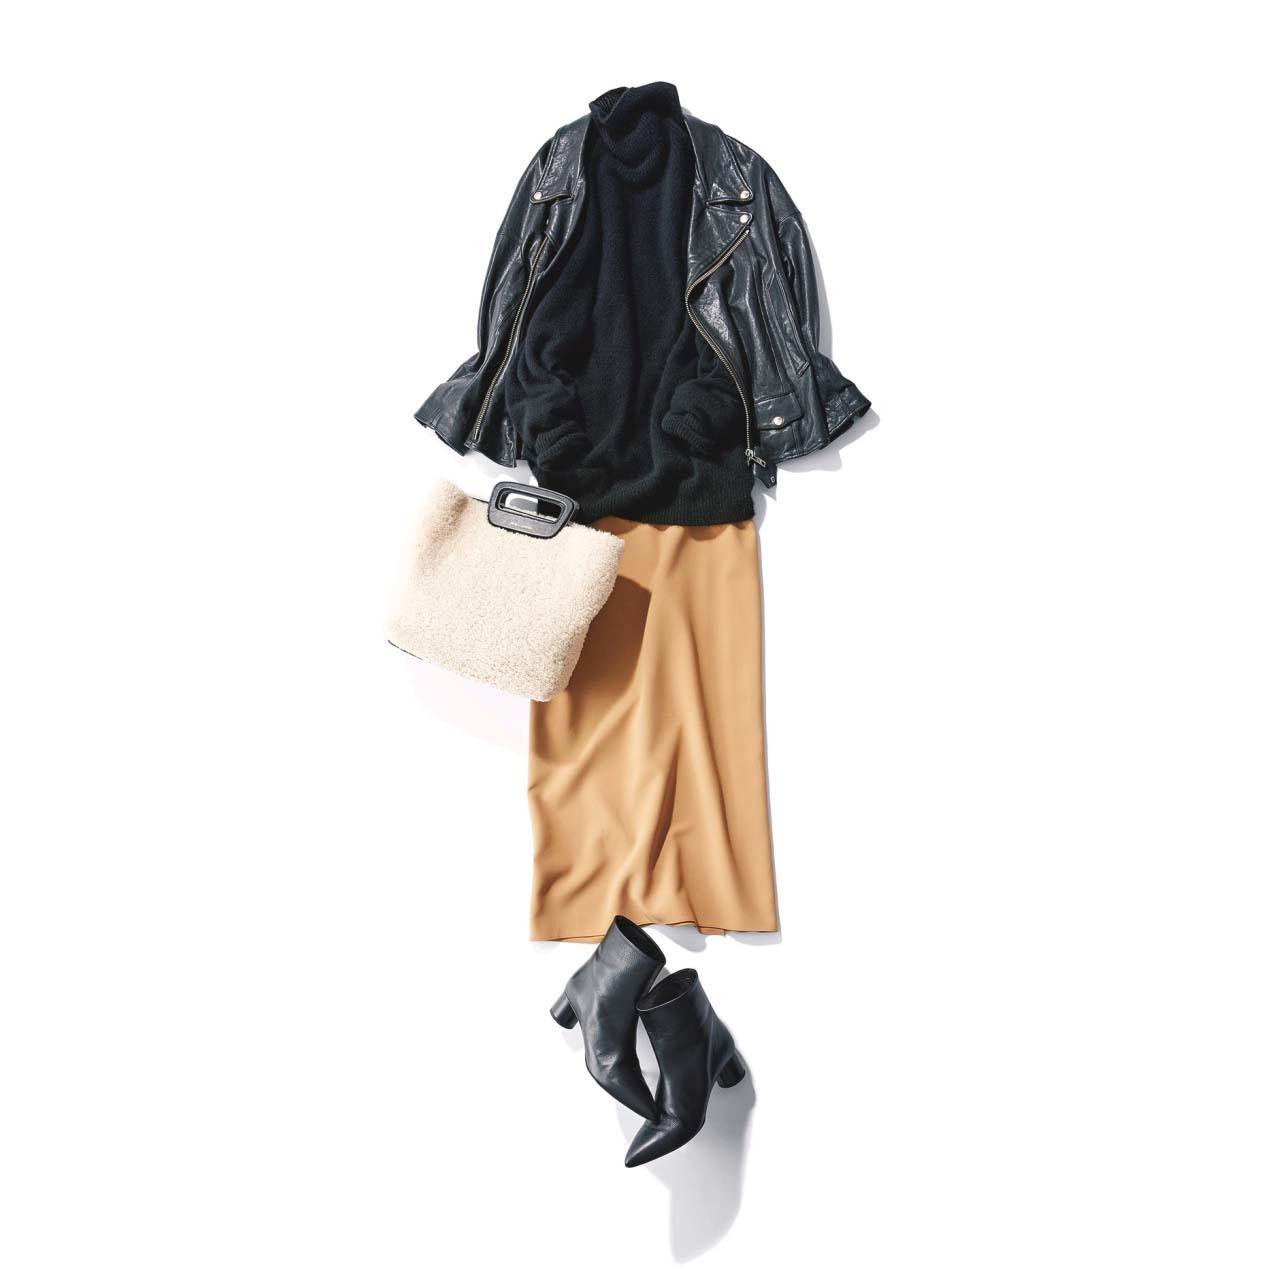 ライダースジャケット×タイトスカート×ファーバッグコーデ